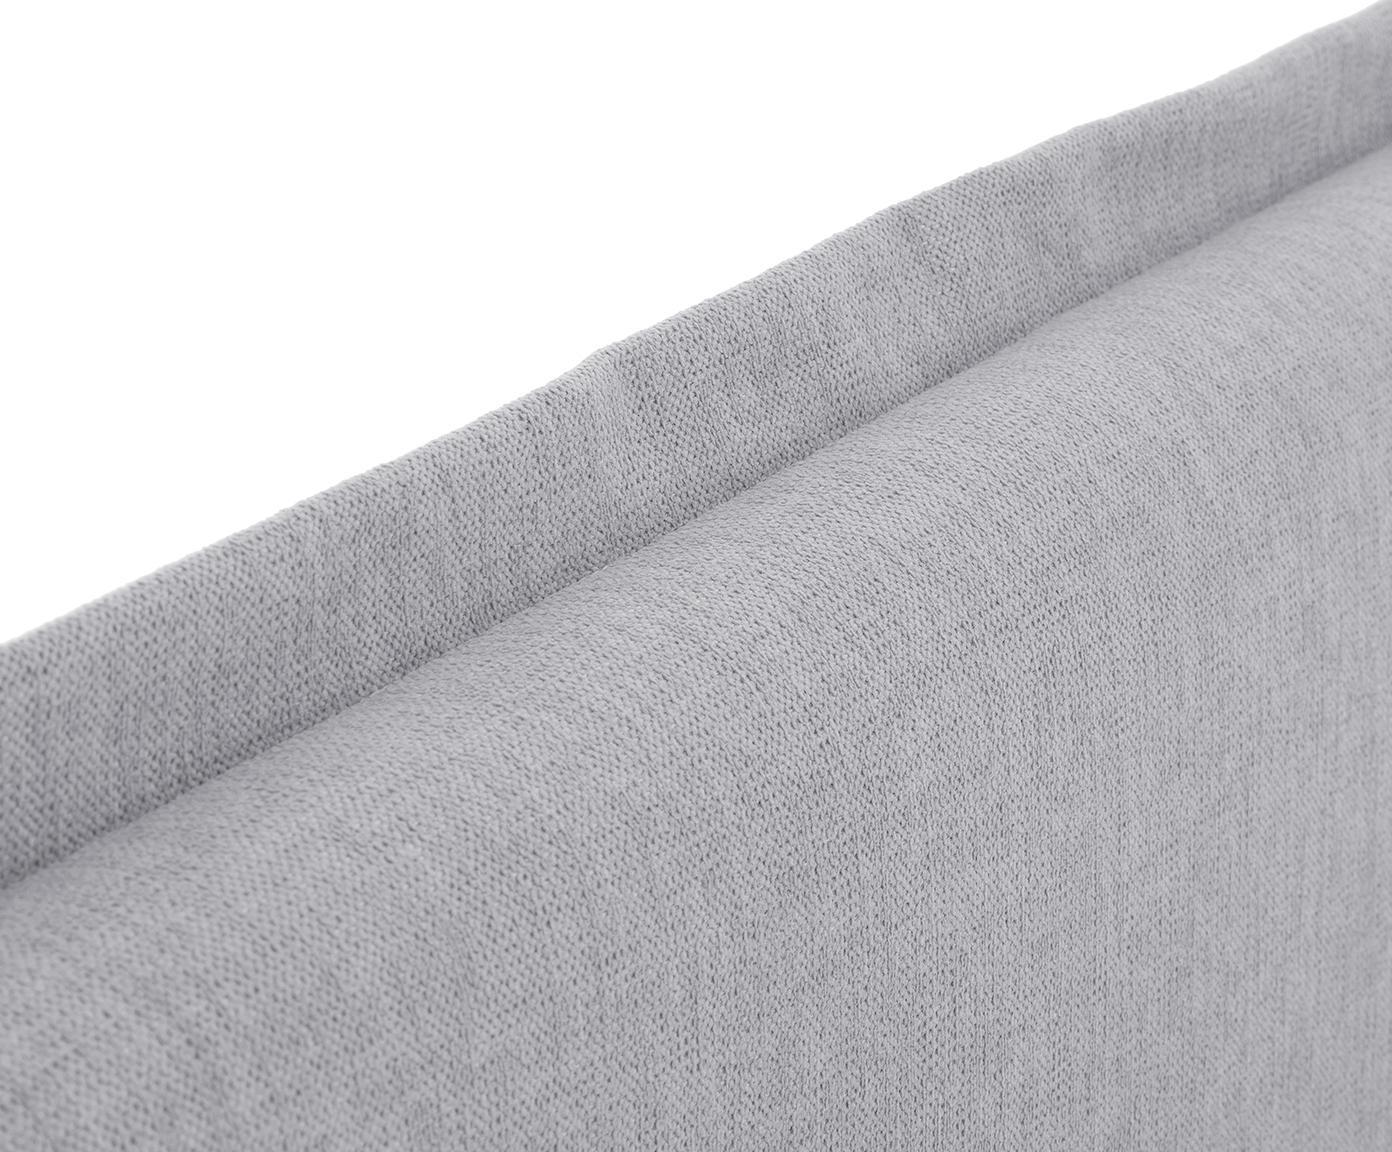 Łóżko kontynentalne premium Violet, Nogi: lite drewno bukowe, lakie, Szary, 200 x 200 cm